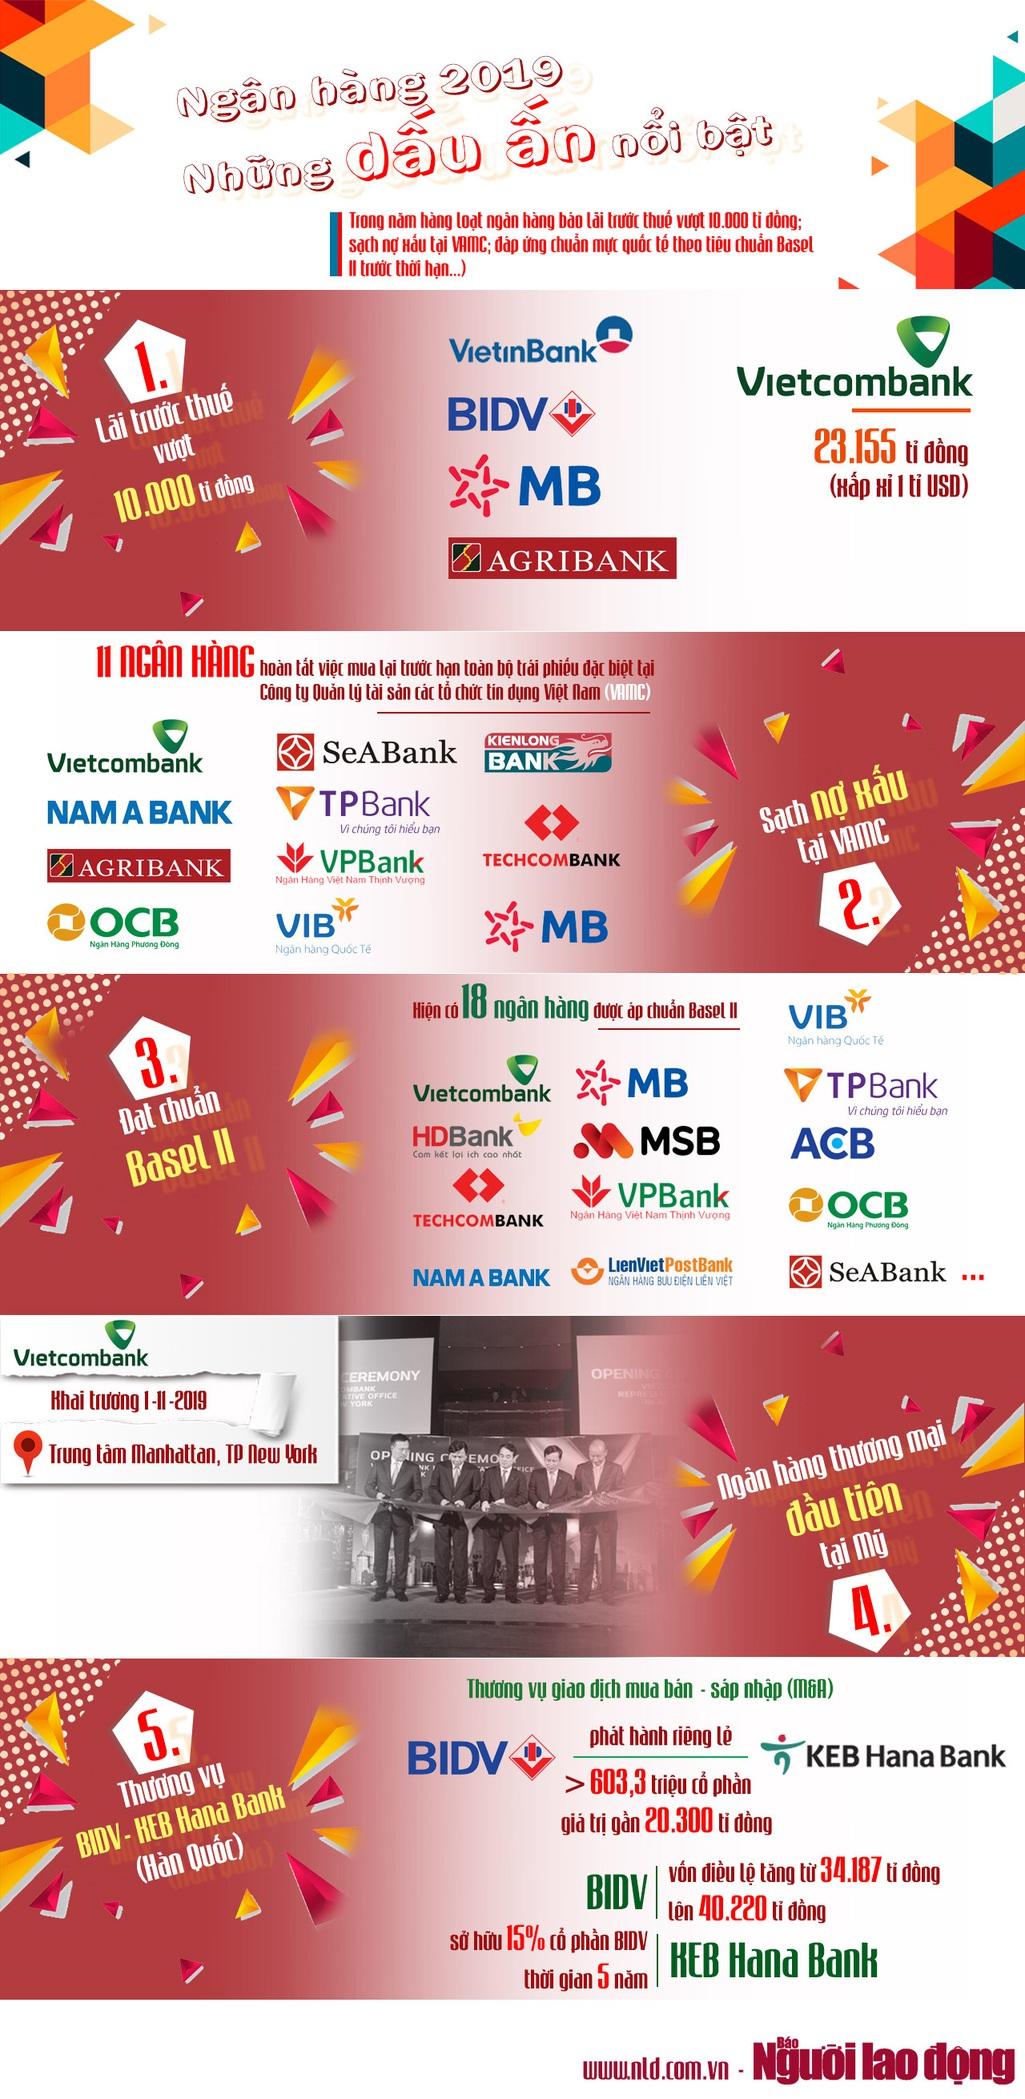 [Infographic] Những dấu ấn nổi bật của ngành ngân hàng 2019 - Ảnh 1.